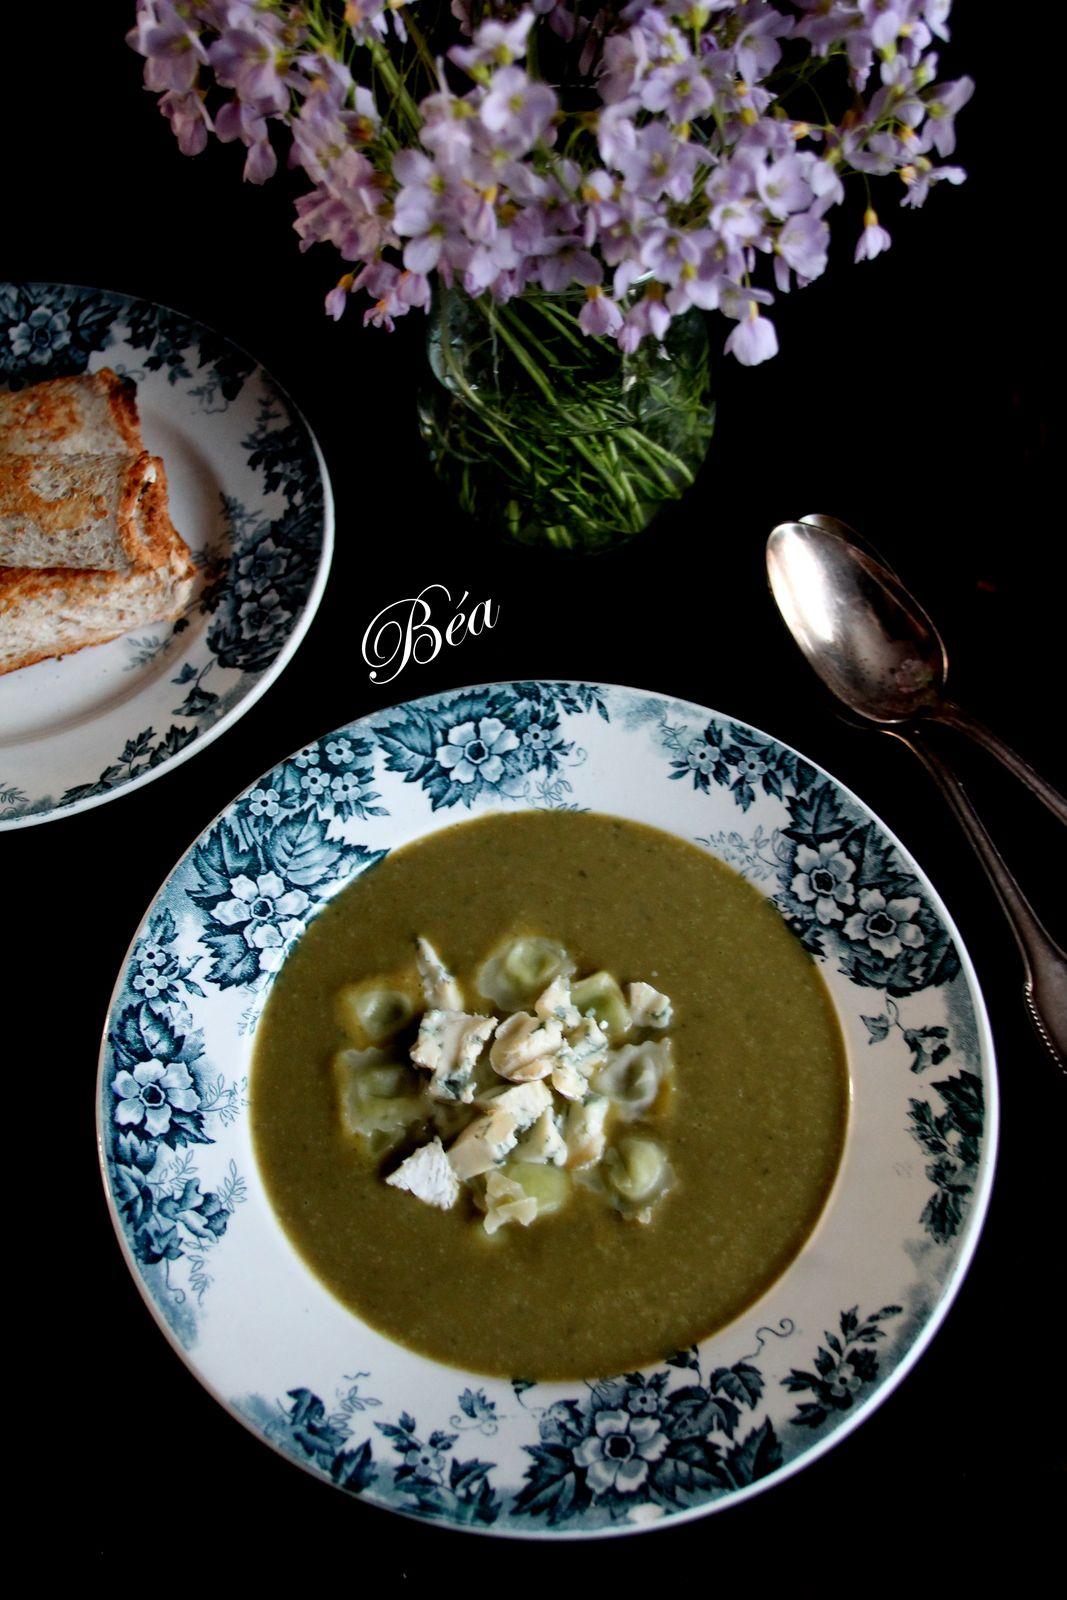 Soupe à l'oseille, ravioles du dauphiné et bleu de Bresse